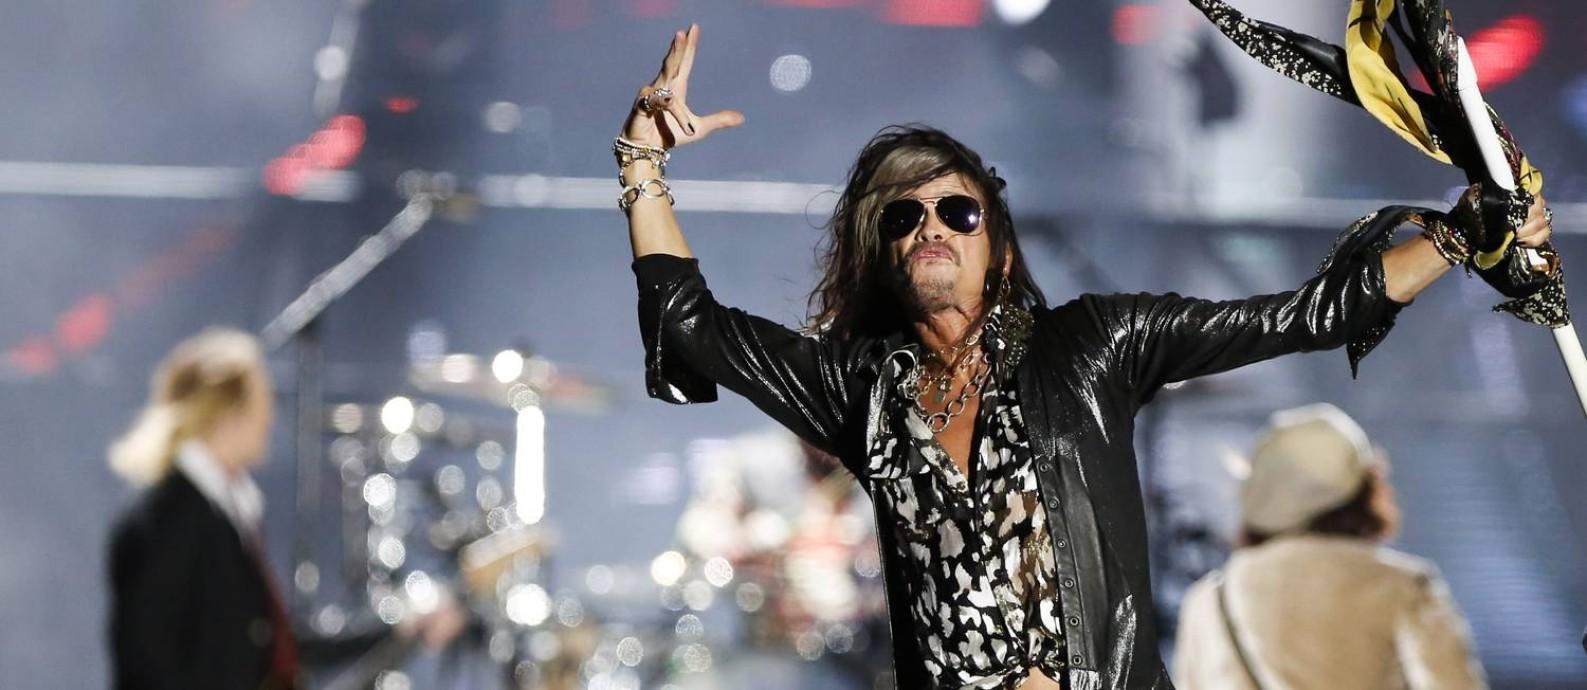 Simpaticão. Steve Tyler, vocalista do Aerosmith. causou no palco e na rua Foto: BARBARA LOPES